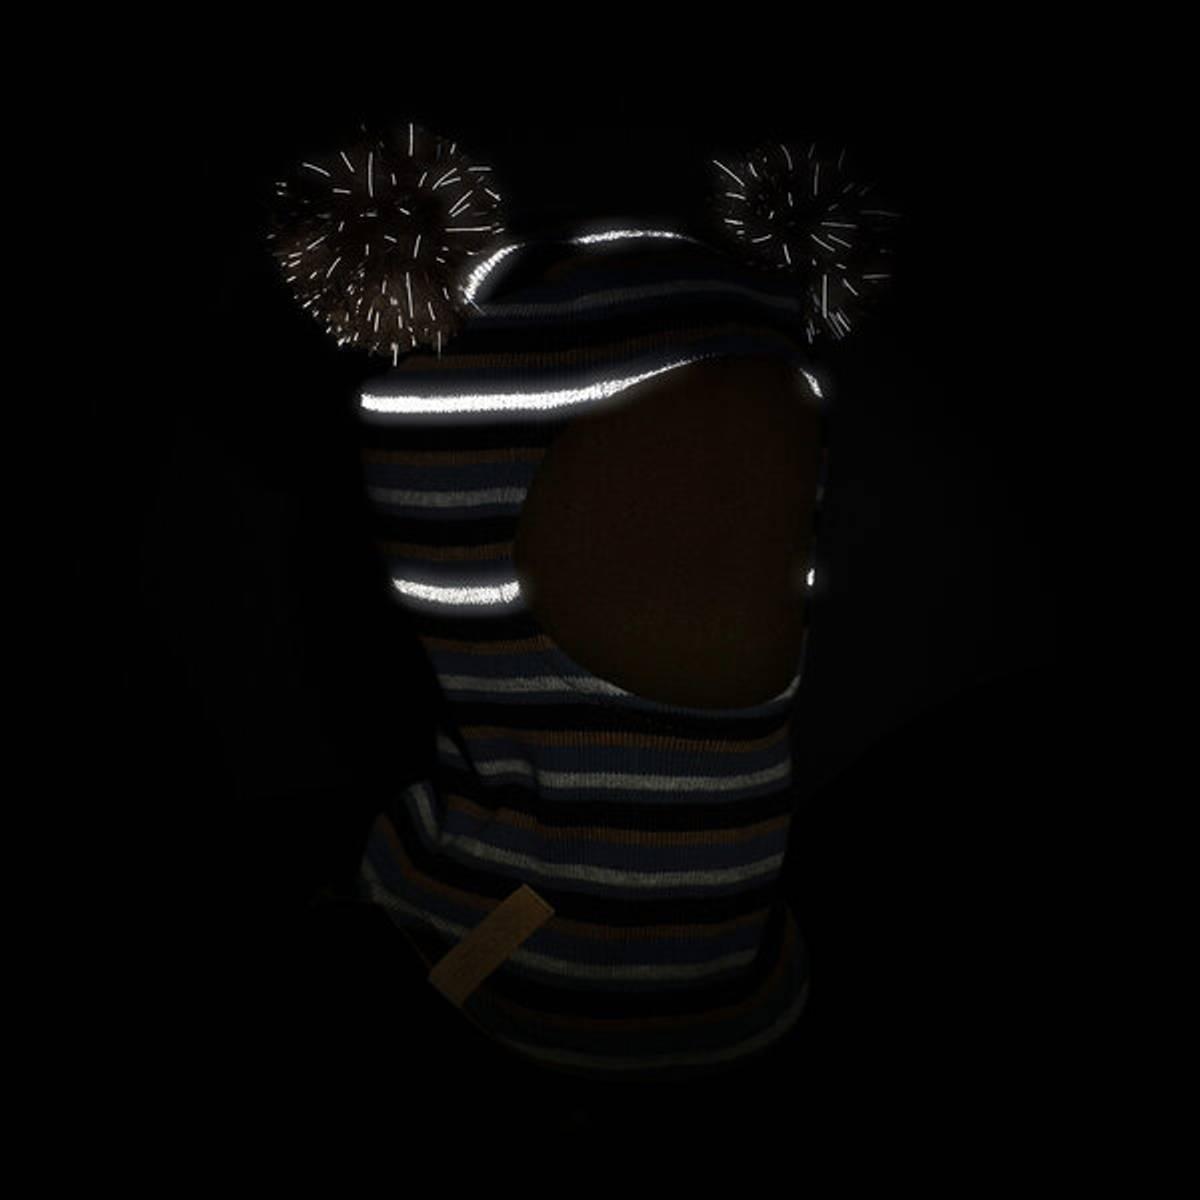 Morild Fonn balaklava med refleks, brunstripet